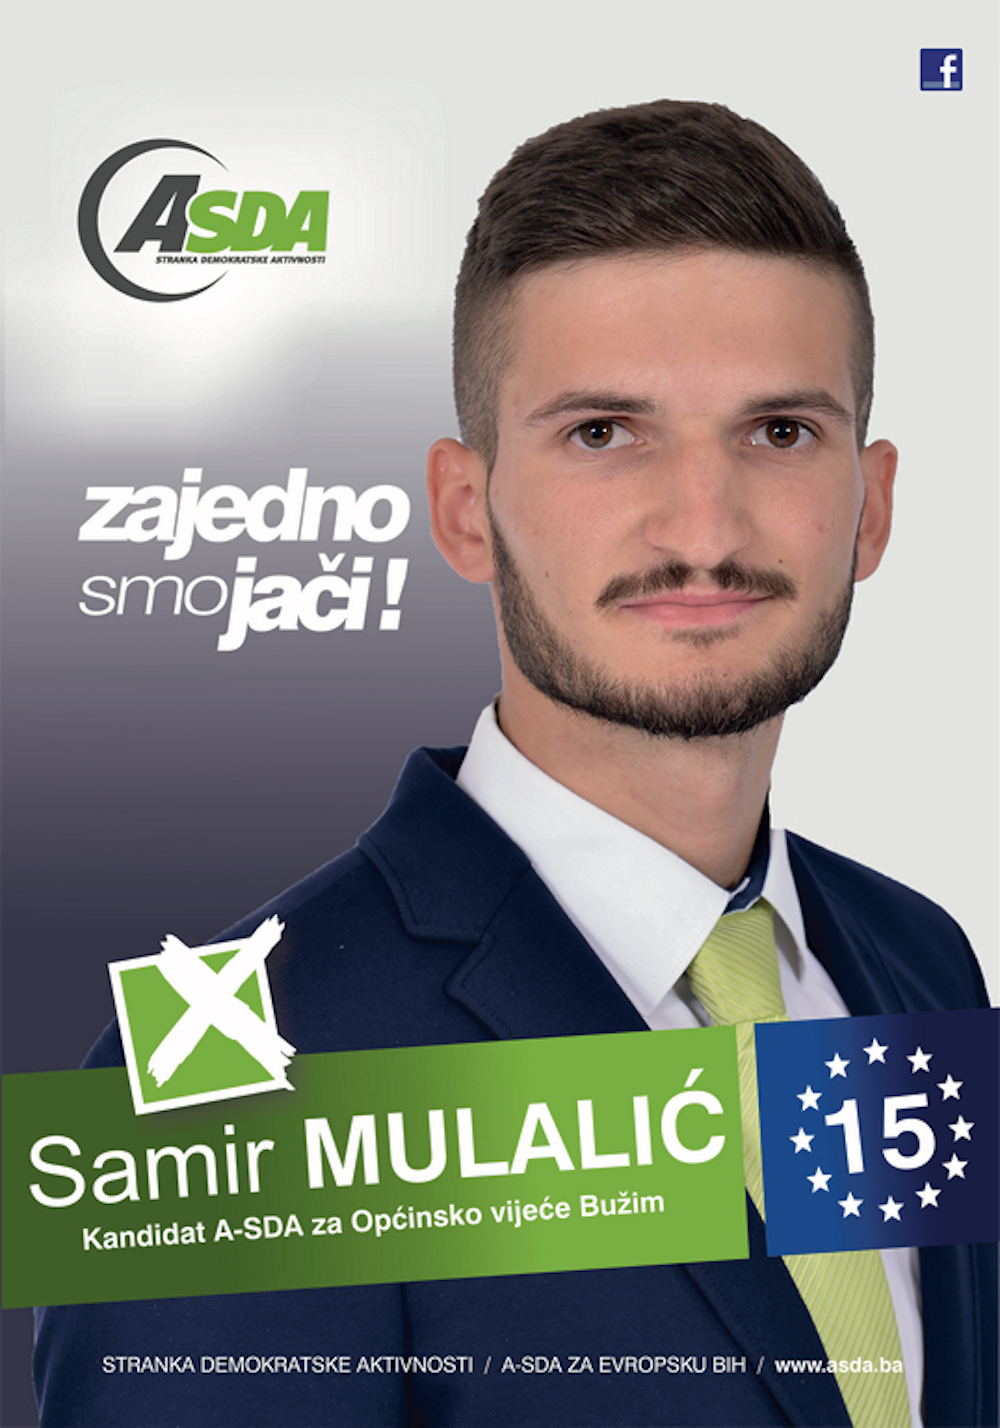 Samir Mulalić